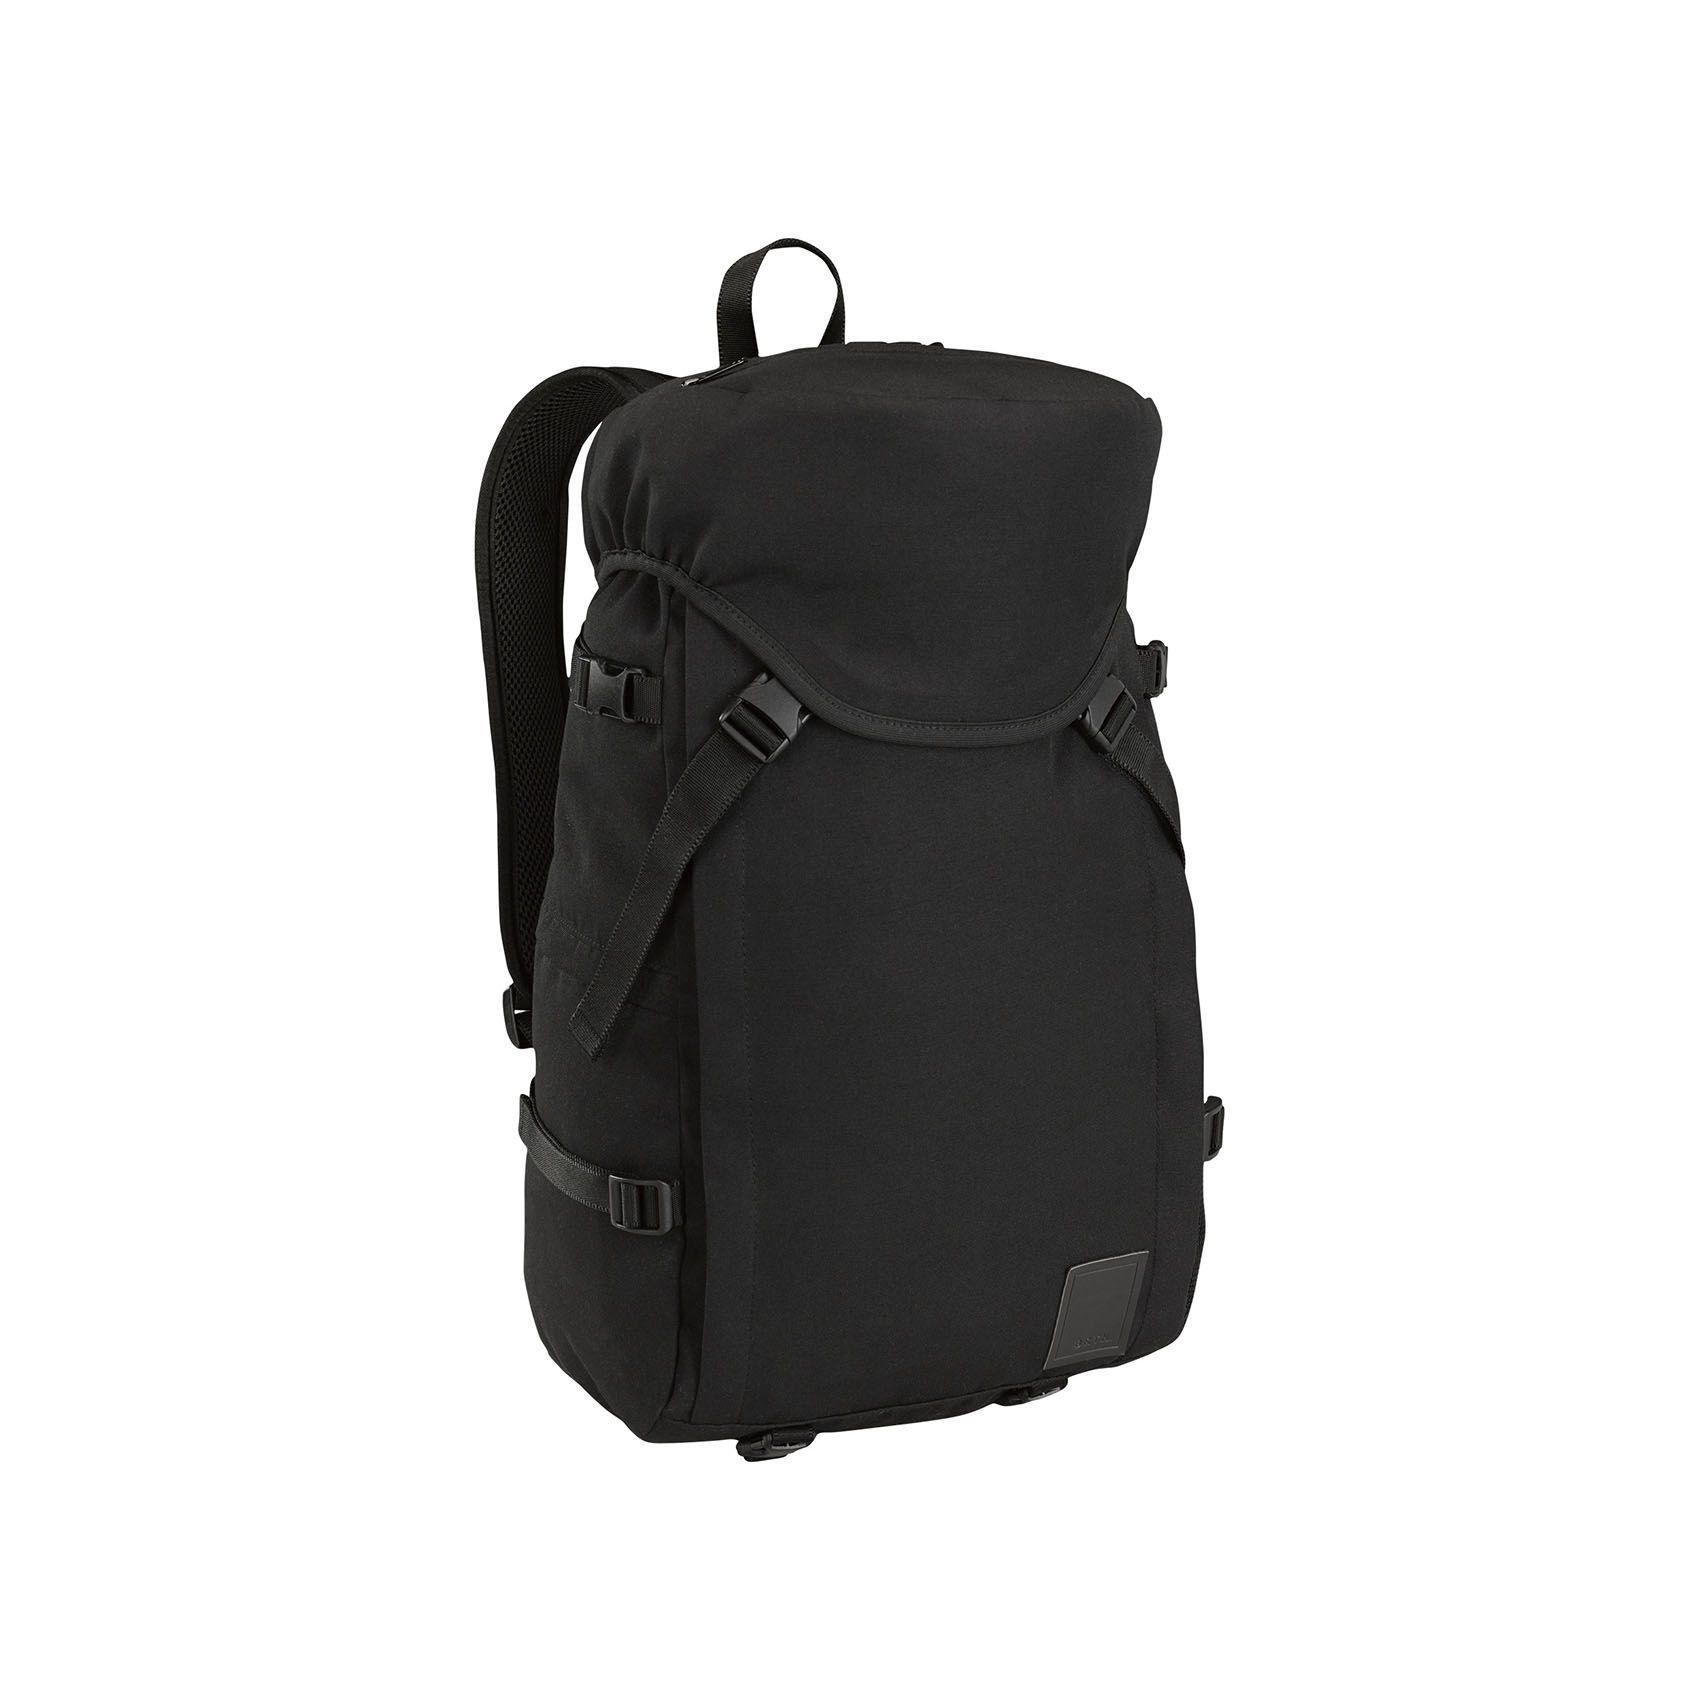 6964624a30 Zaino Burton Brtn Pack Nero | Minimalist Bags | Backpacks, Burton ...